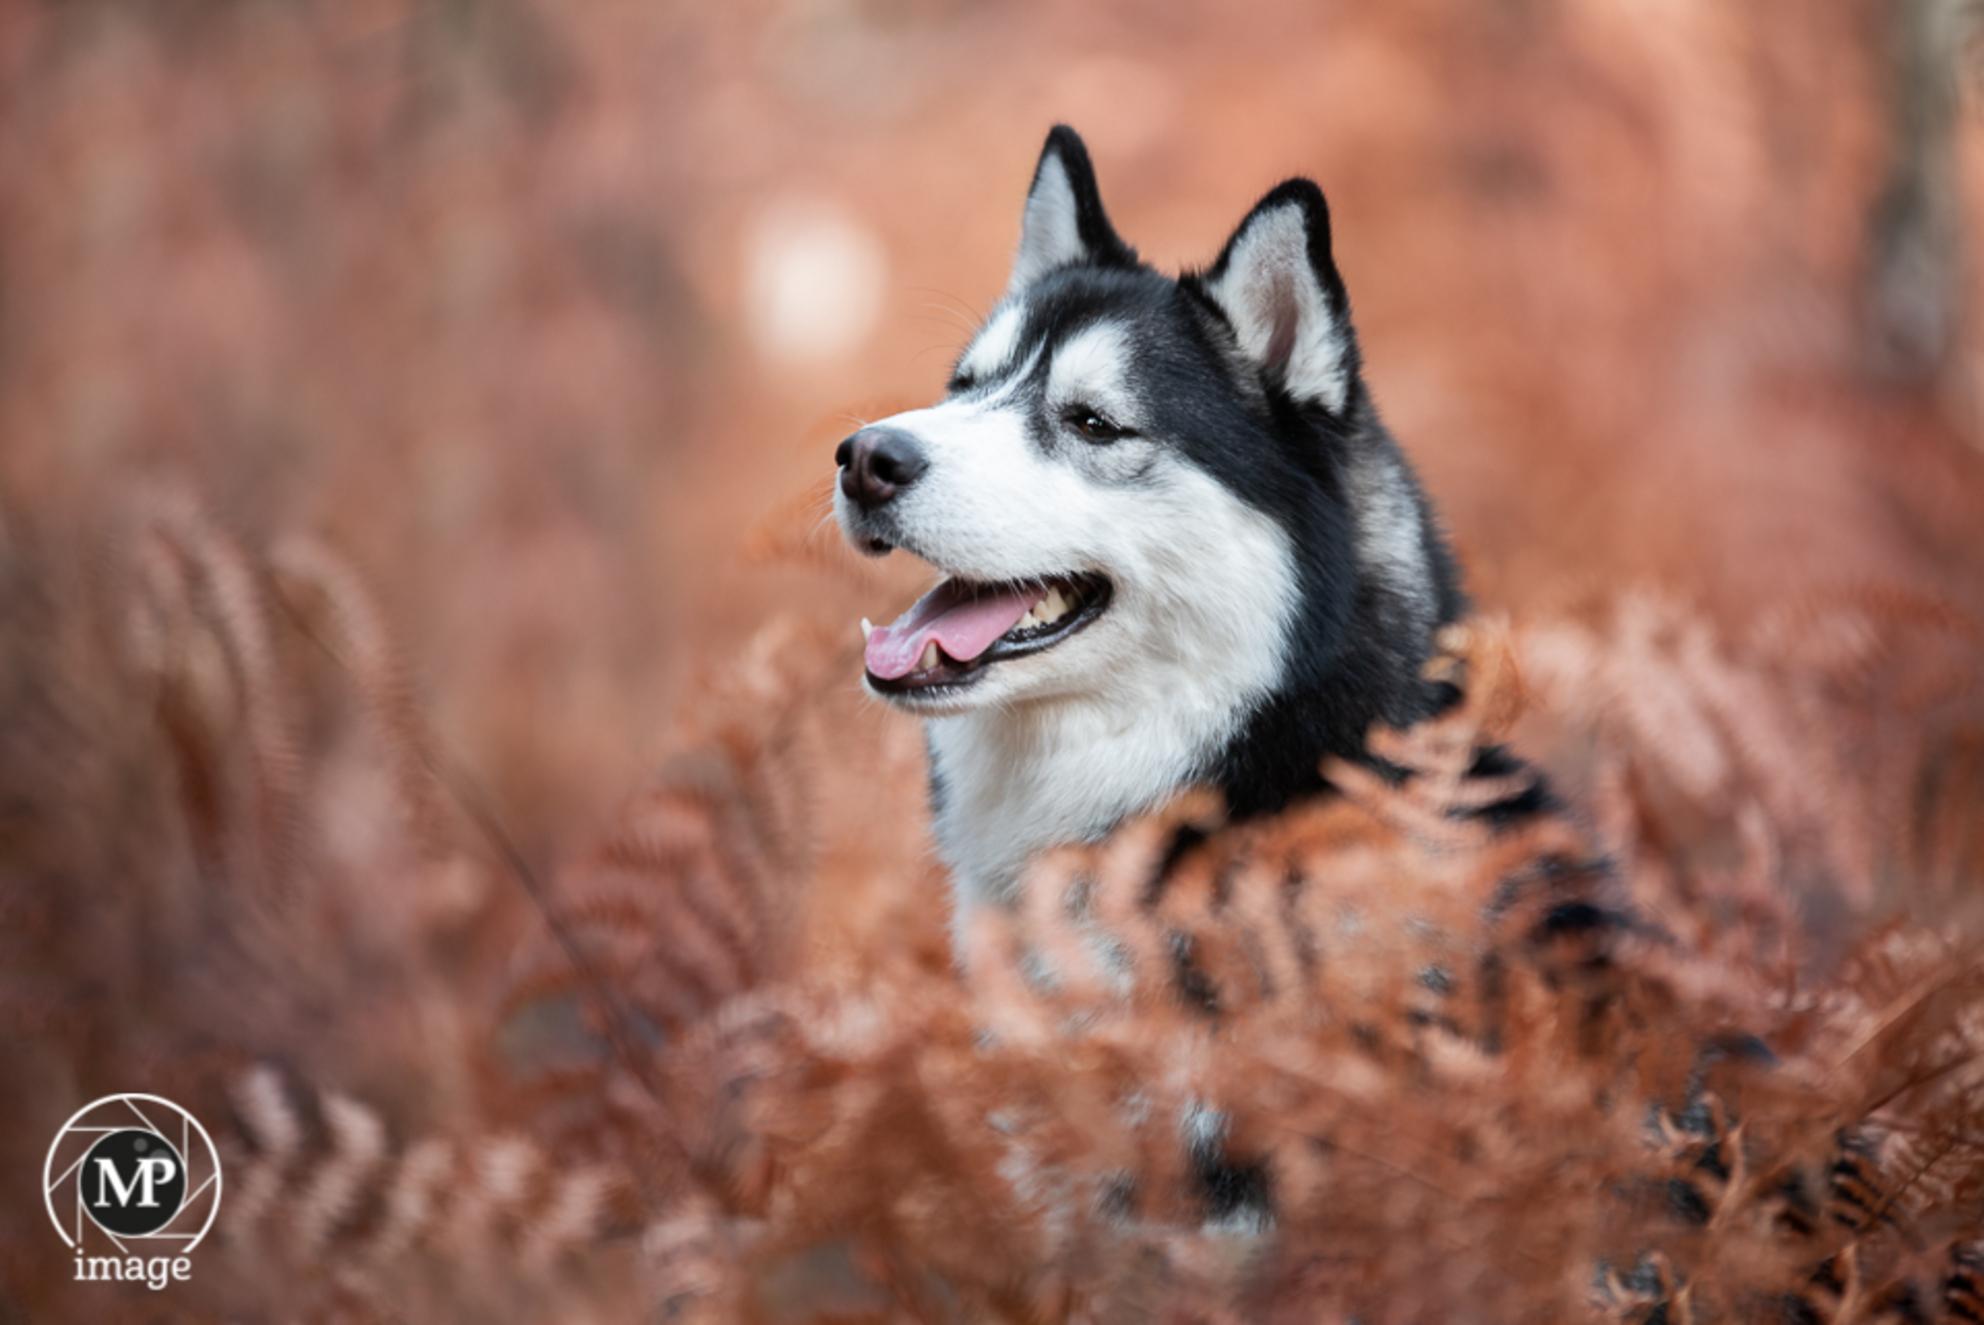 Husky tussen de Varens in het bos. - Husky midden tussen de bruin geworden Varens in het bos. - foto door MarD7000 op 30-10-2018 - deze foto bevat: herfst, bos, hond, varens - Deze foto mag gebruikt worden in een Zoom.nl publicatie